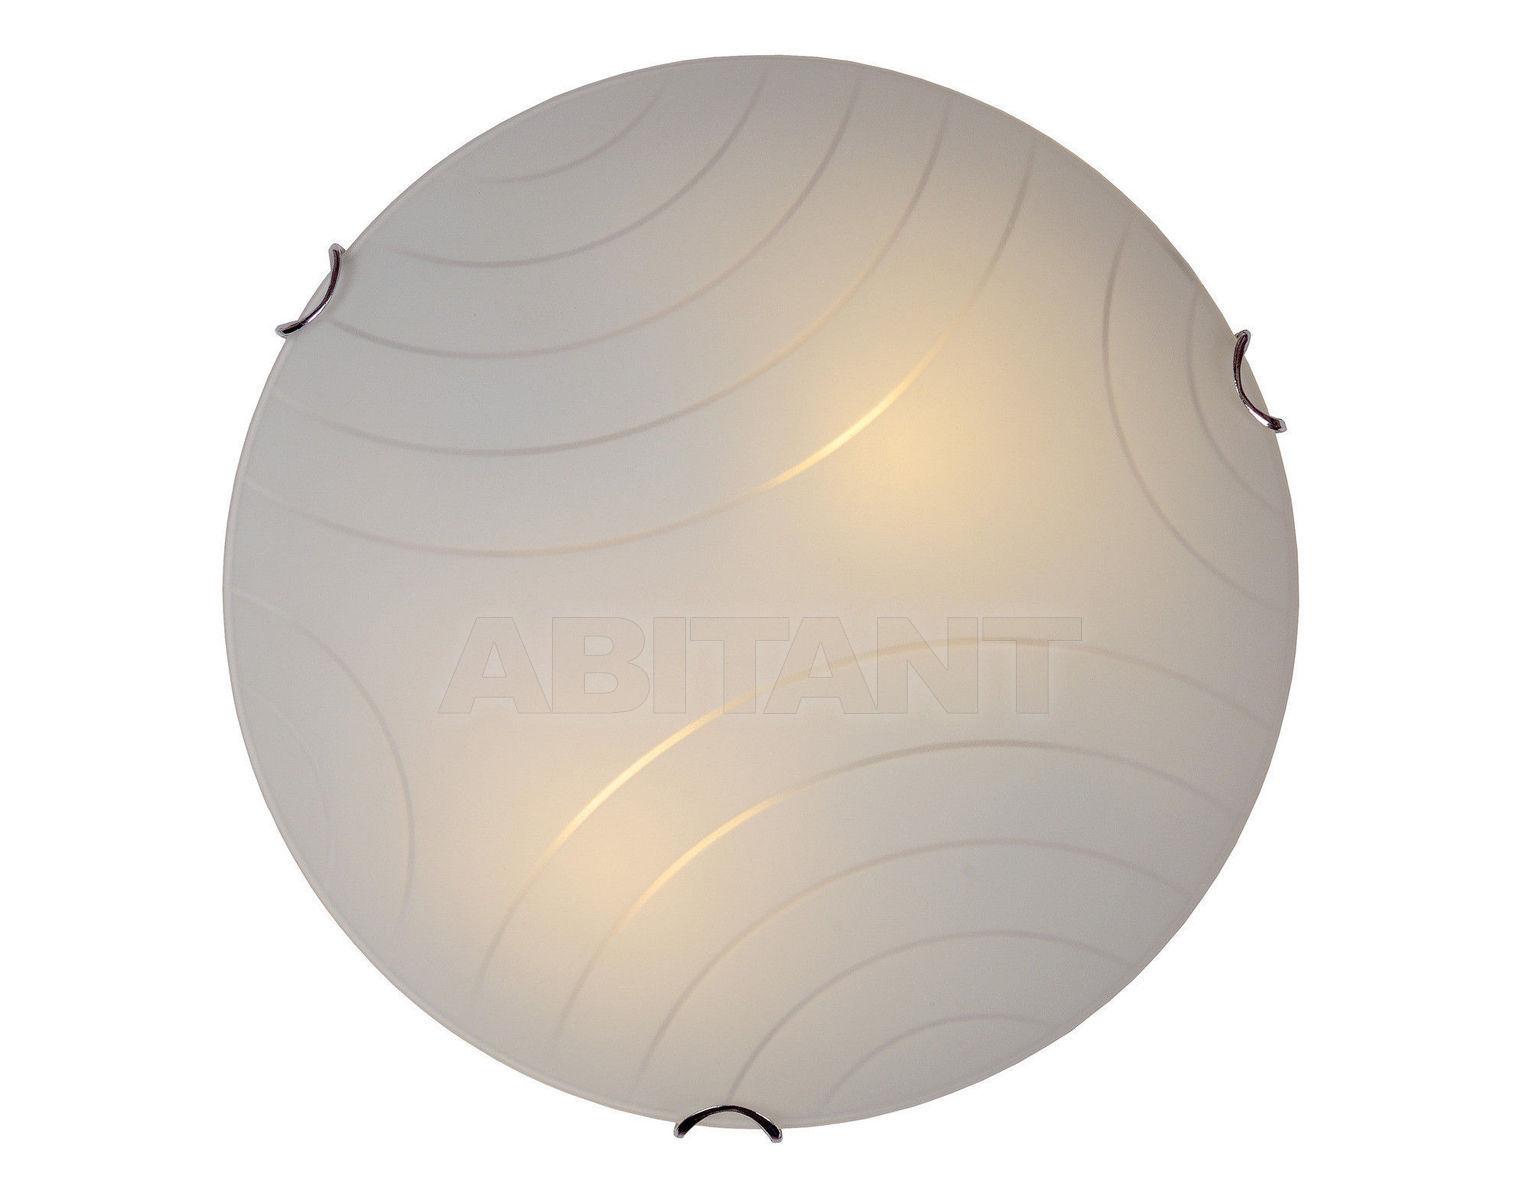 Купить Светильник VERSA Lucide  Ceiling & Wall Lights 79104/72/67